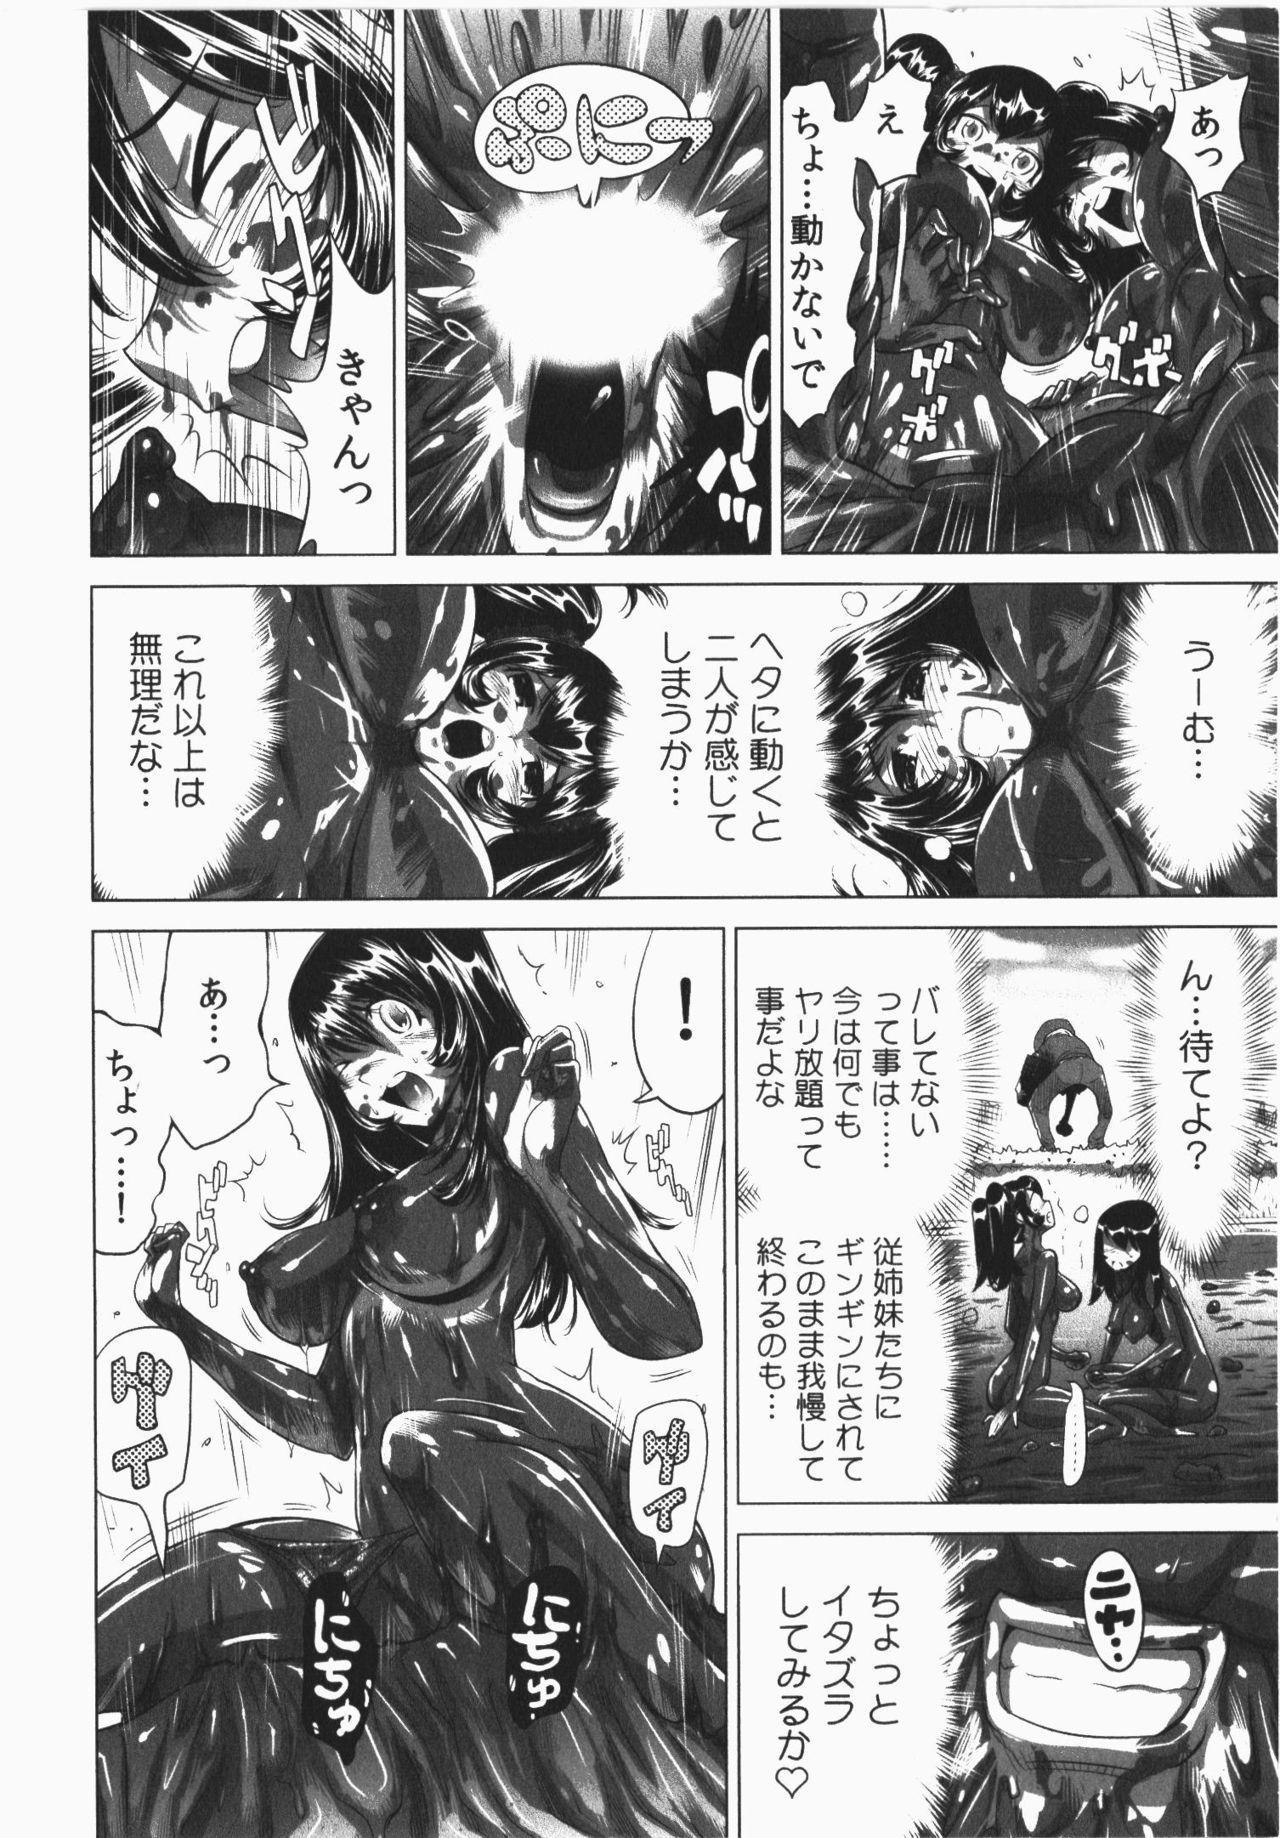 Ukkari Haicchatta! Itoko to Micchaku Game Chuu 187